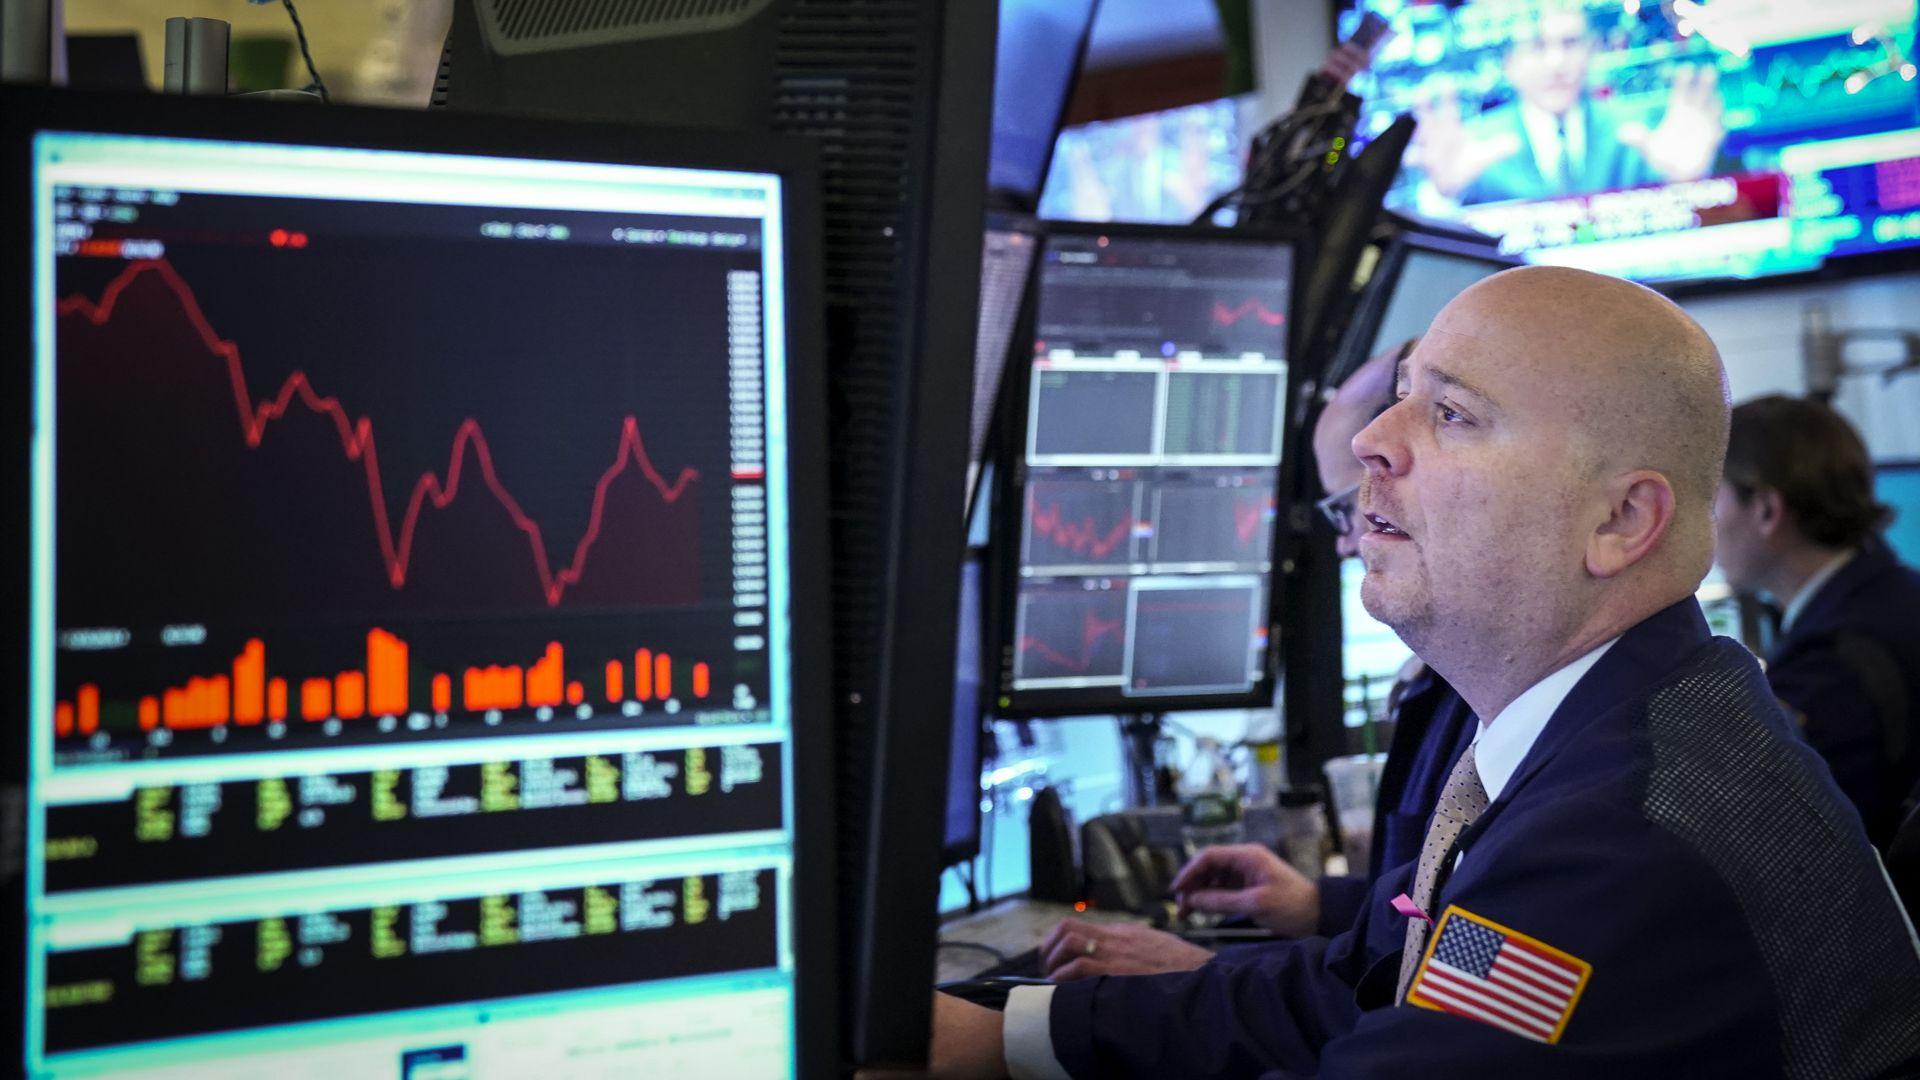 Stock trader looking at screen